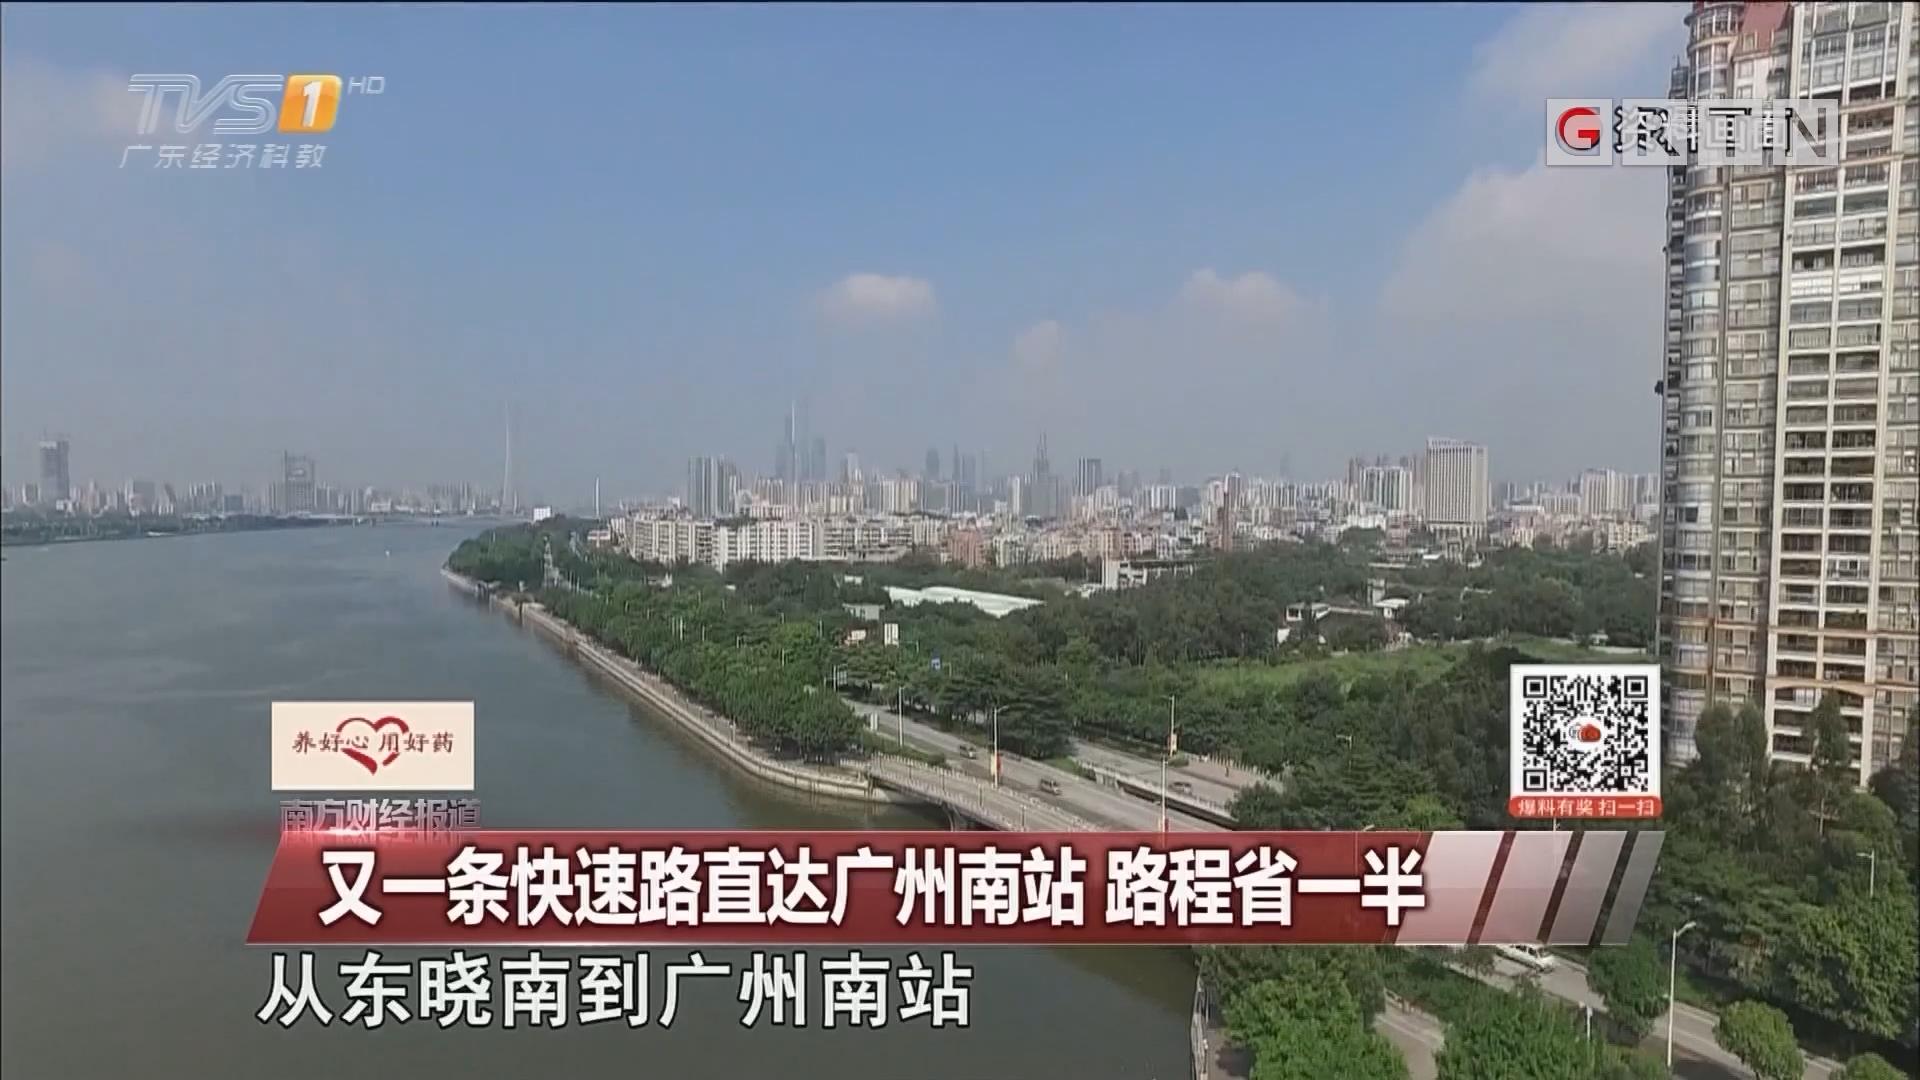 又一条快速路直达广州南站 路程省一半